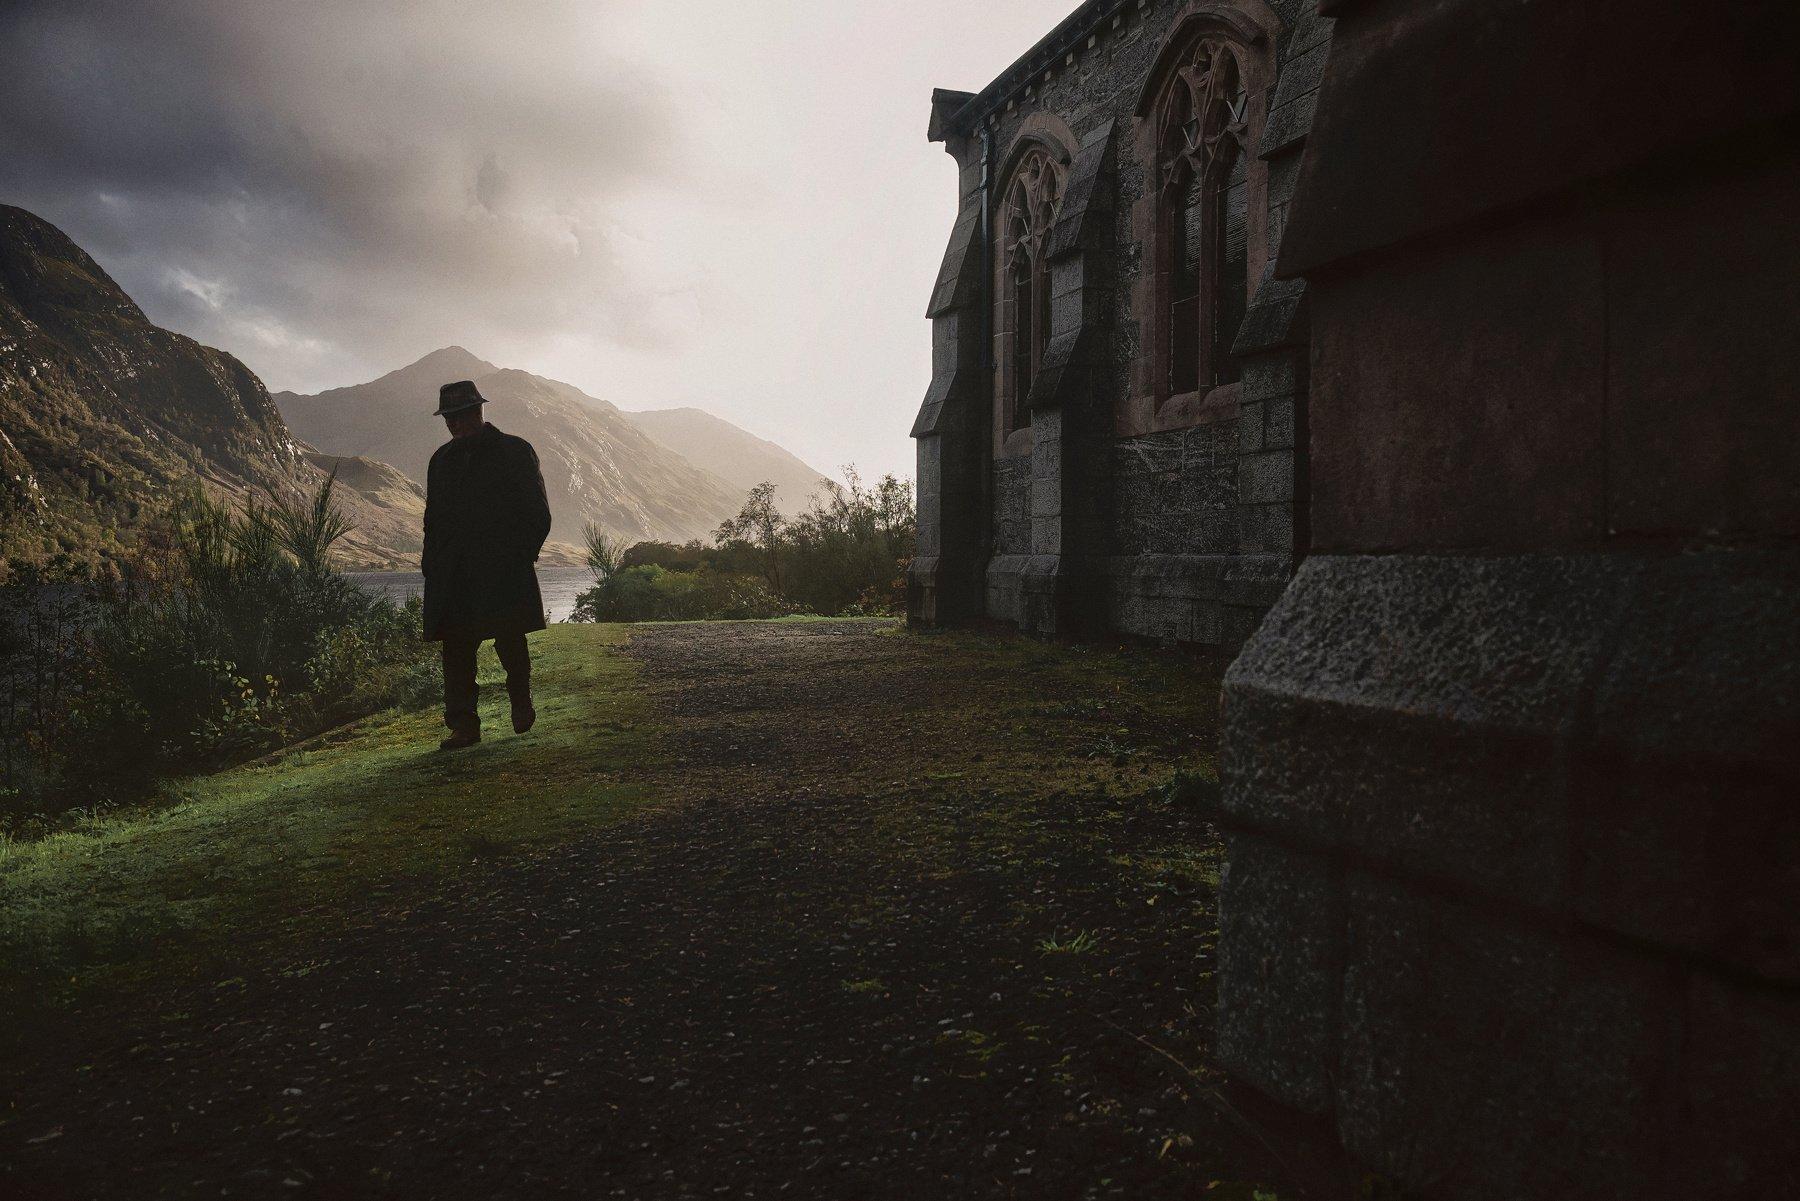 шотландия, закат, церковь, Алексей Ермаков